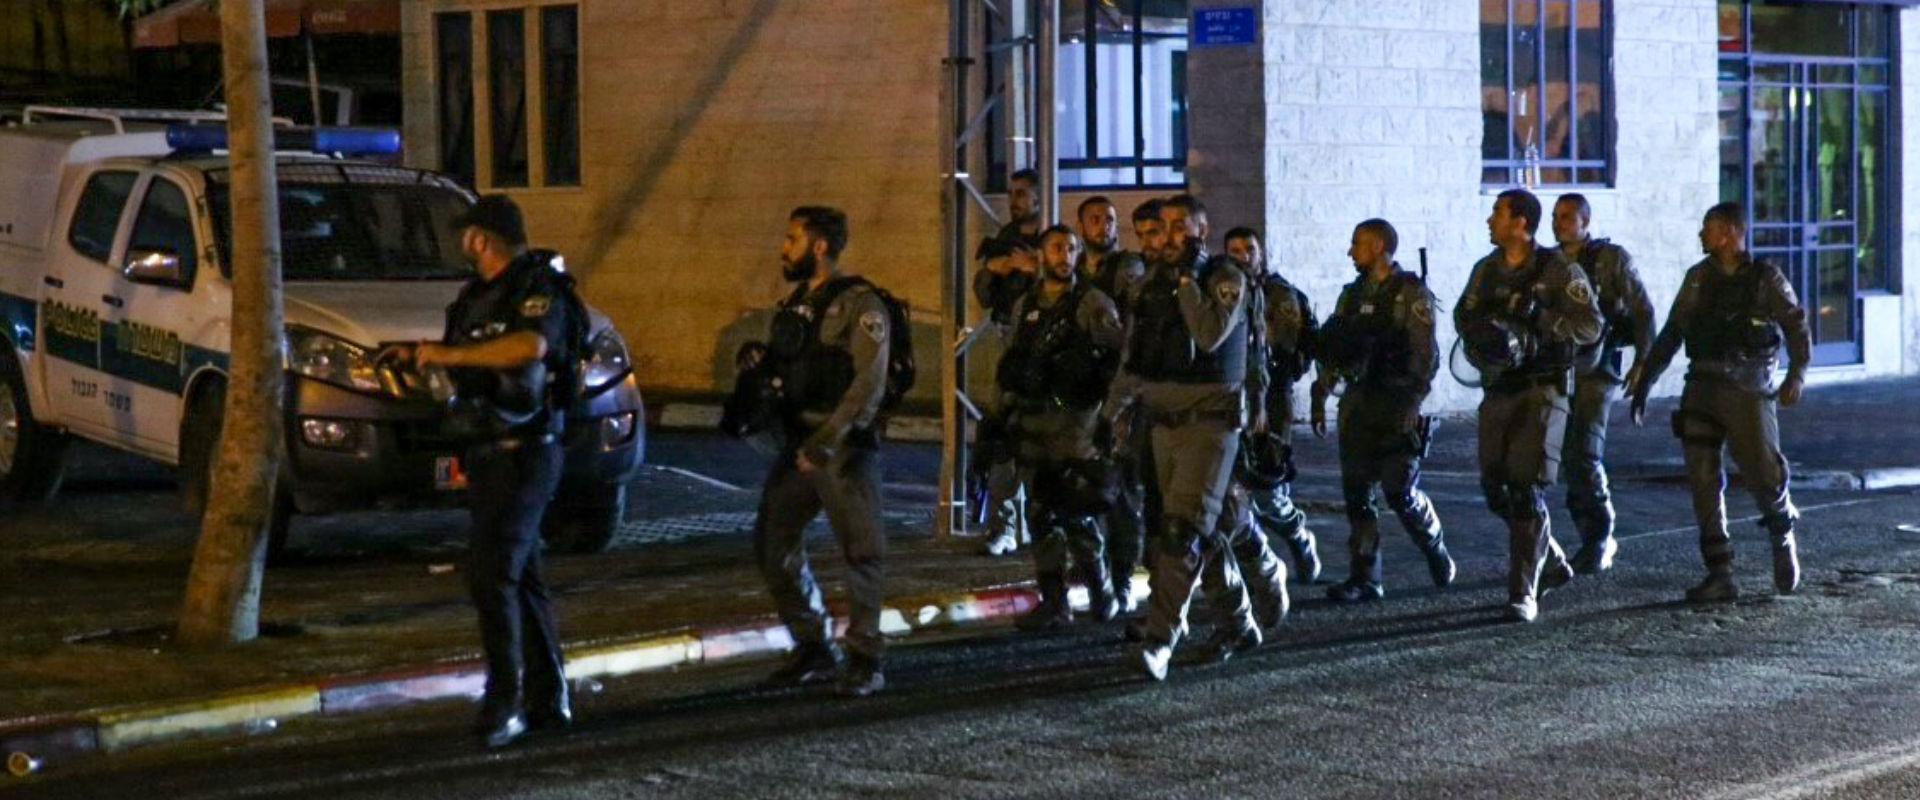 שוטרים מאבטחים הפגנה ביפו לאחר הירי